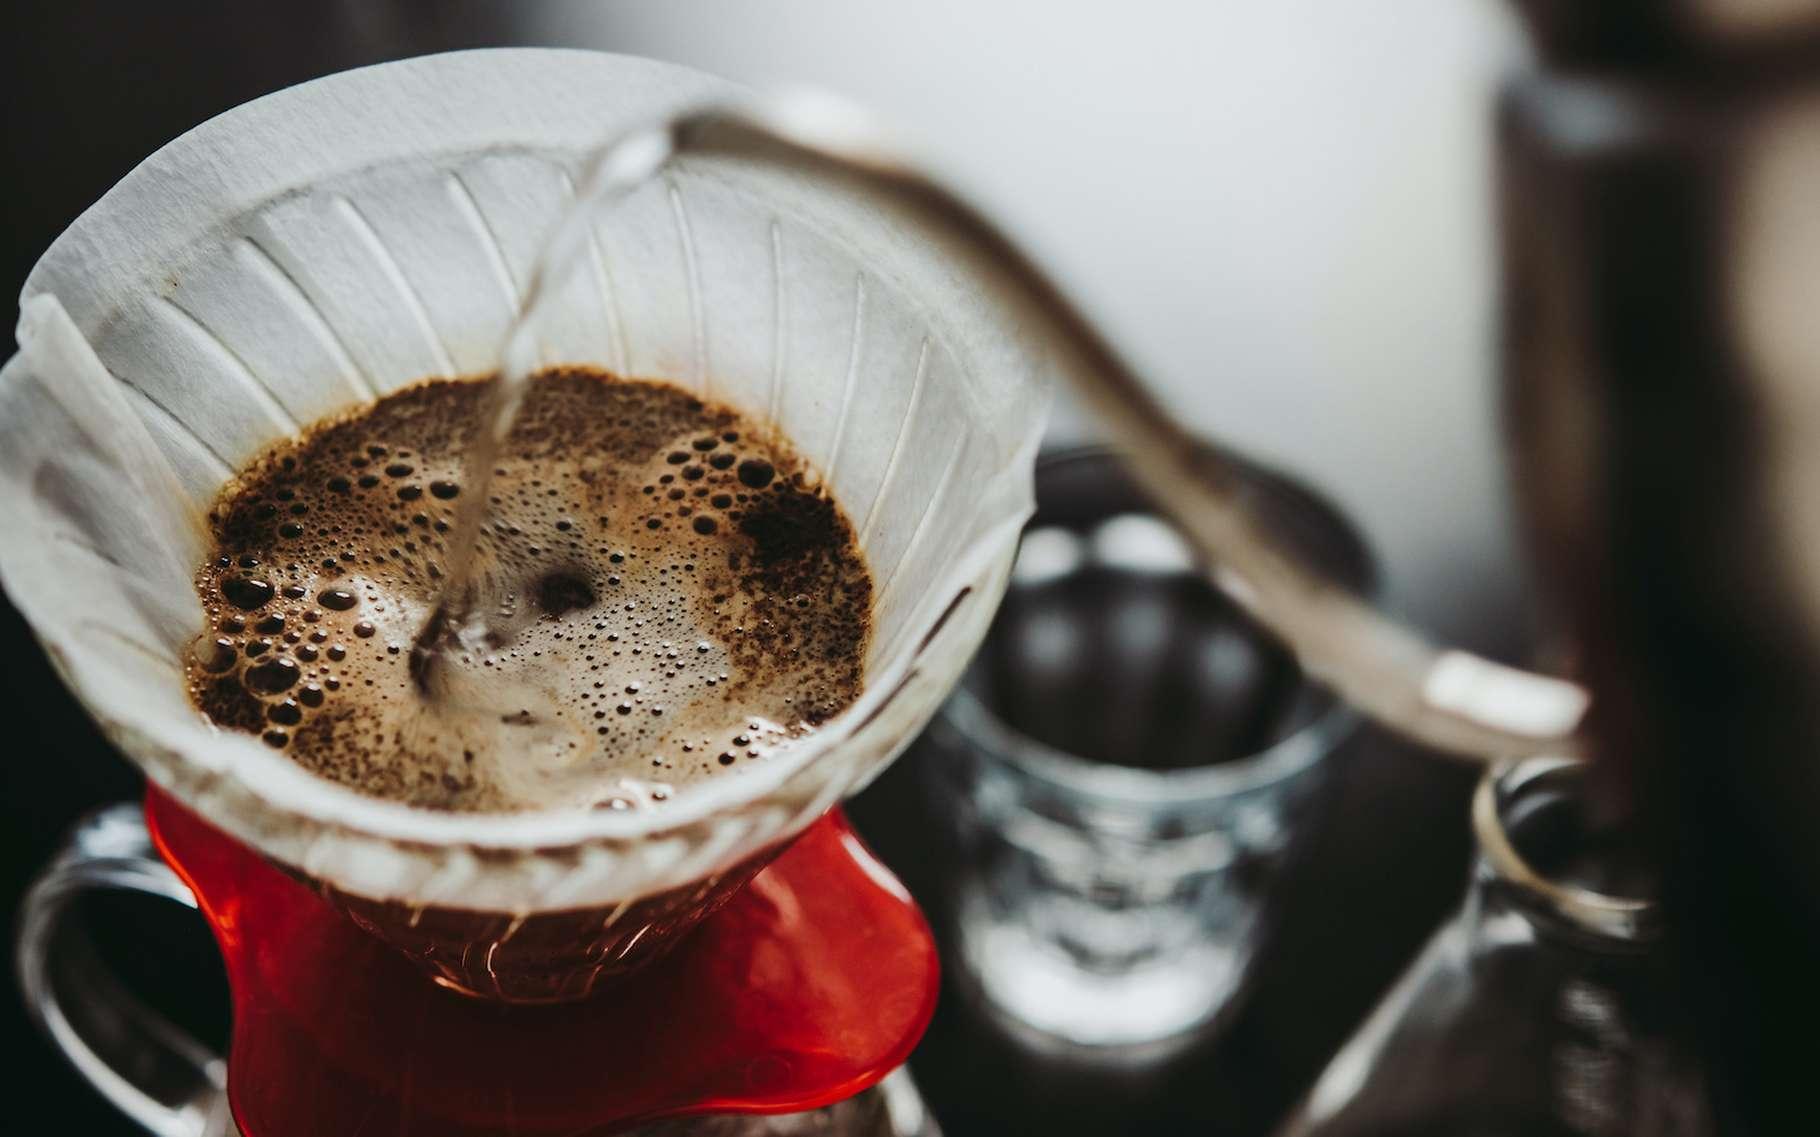 Le terme de lixiviation se rapporte aux techniques d'extraction de substances solubles par un solvant et notamment par l'eau. Le café filtre en est un exemple du quotidien. © Gregory Lee, Adobe Stock